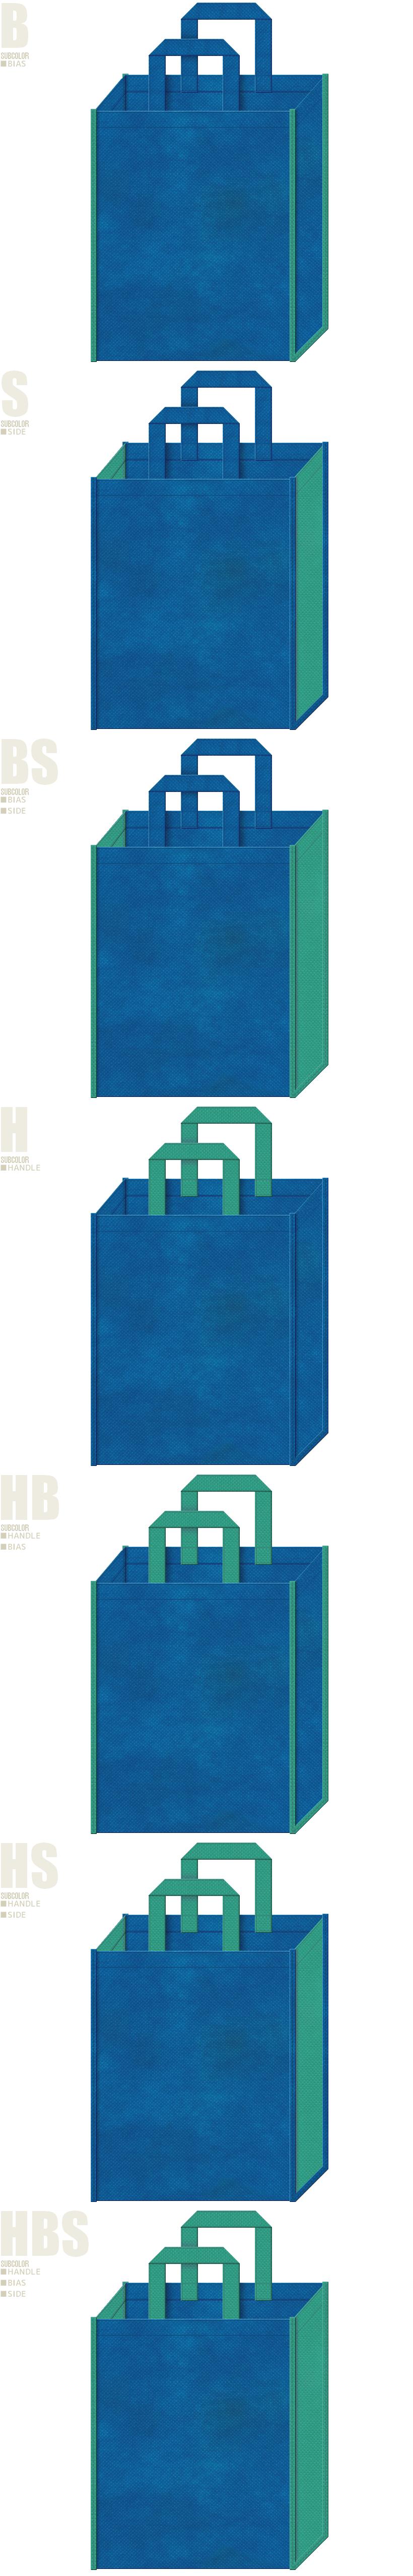 アウトドア・スポーツイベントにお奨めの、青色と青緑色-7パターンの不織布トートバッグ配色デザイン例